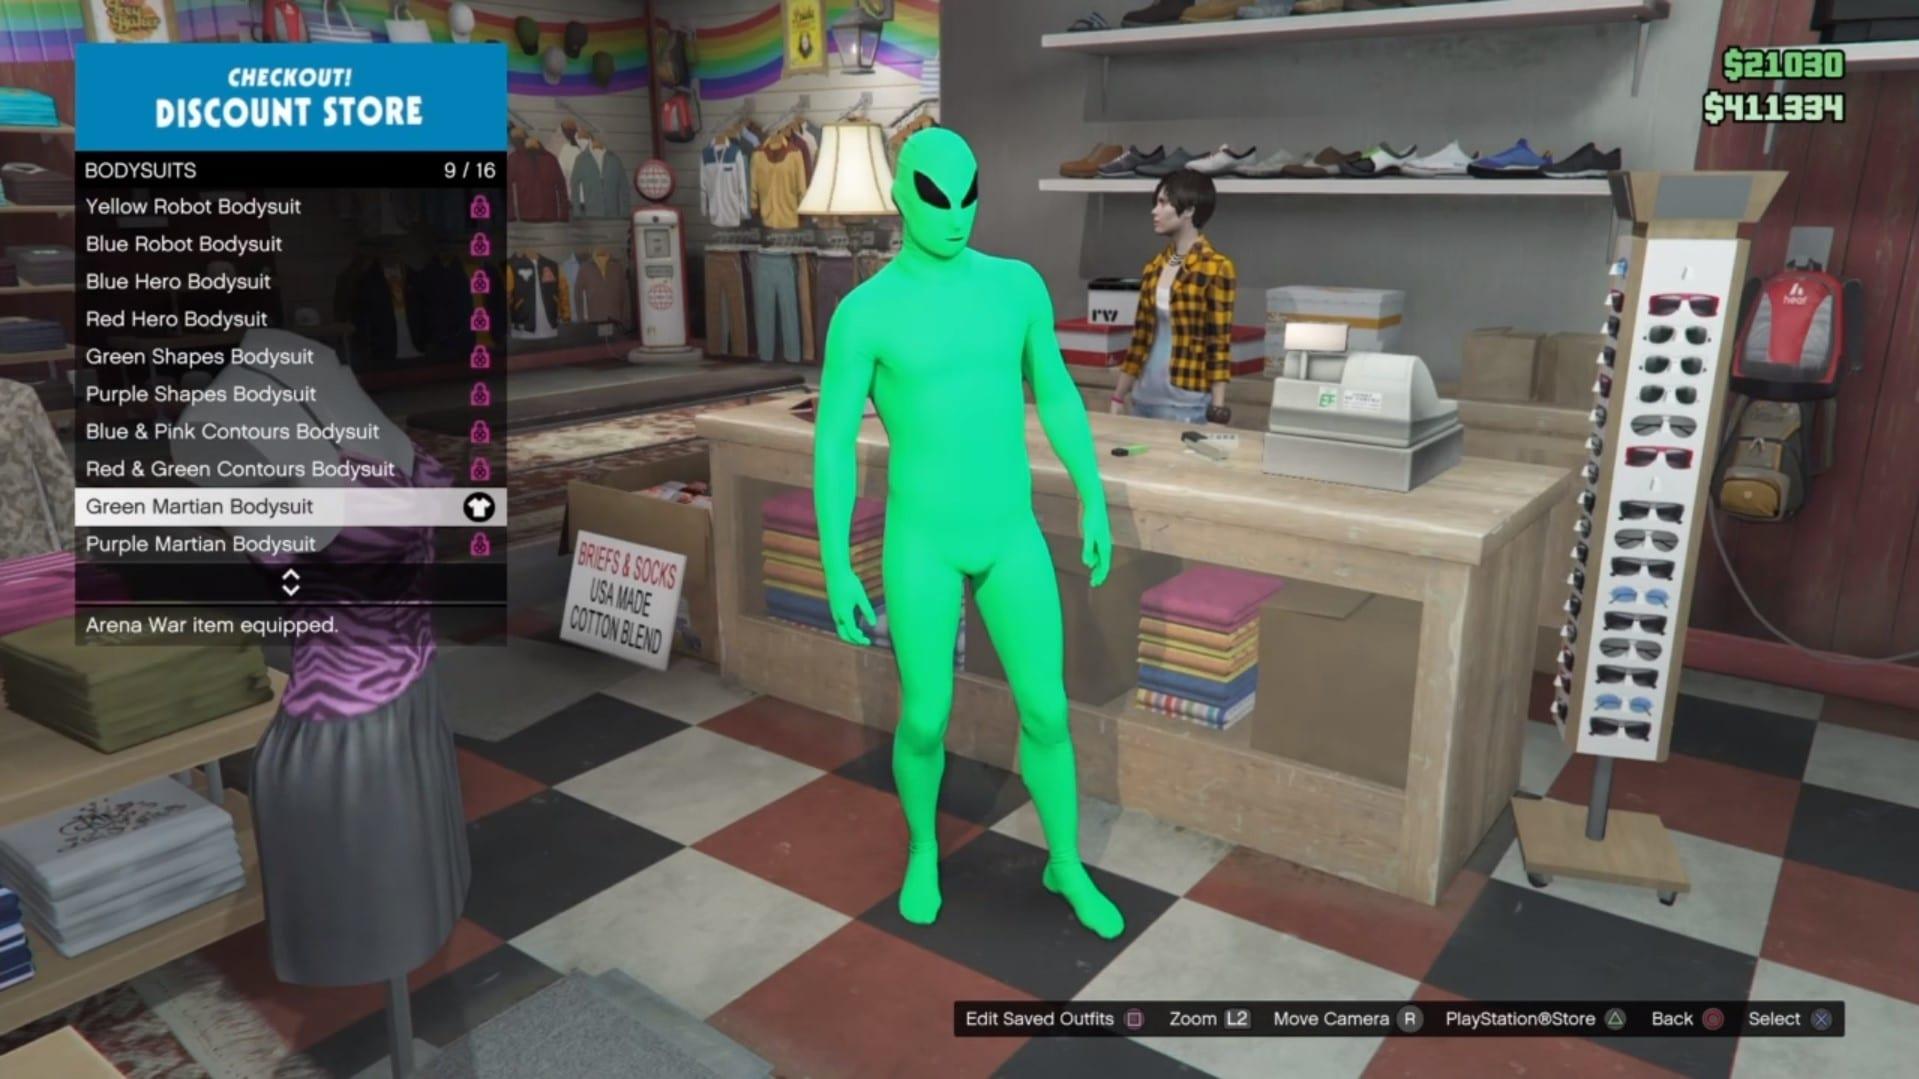 traje alienígena en línea gta